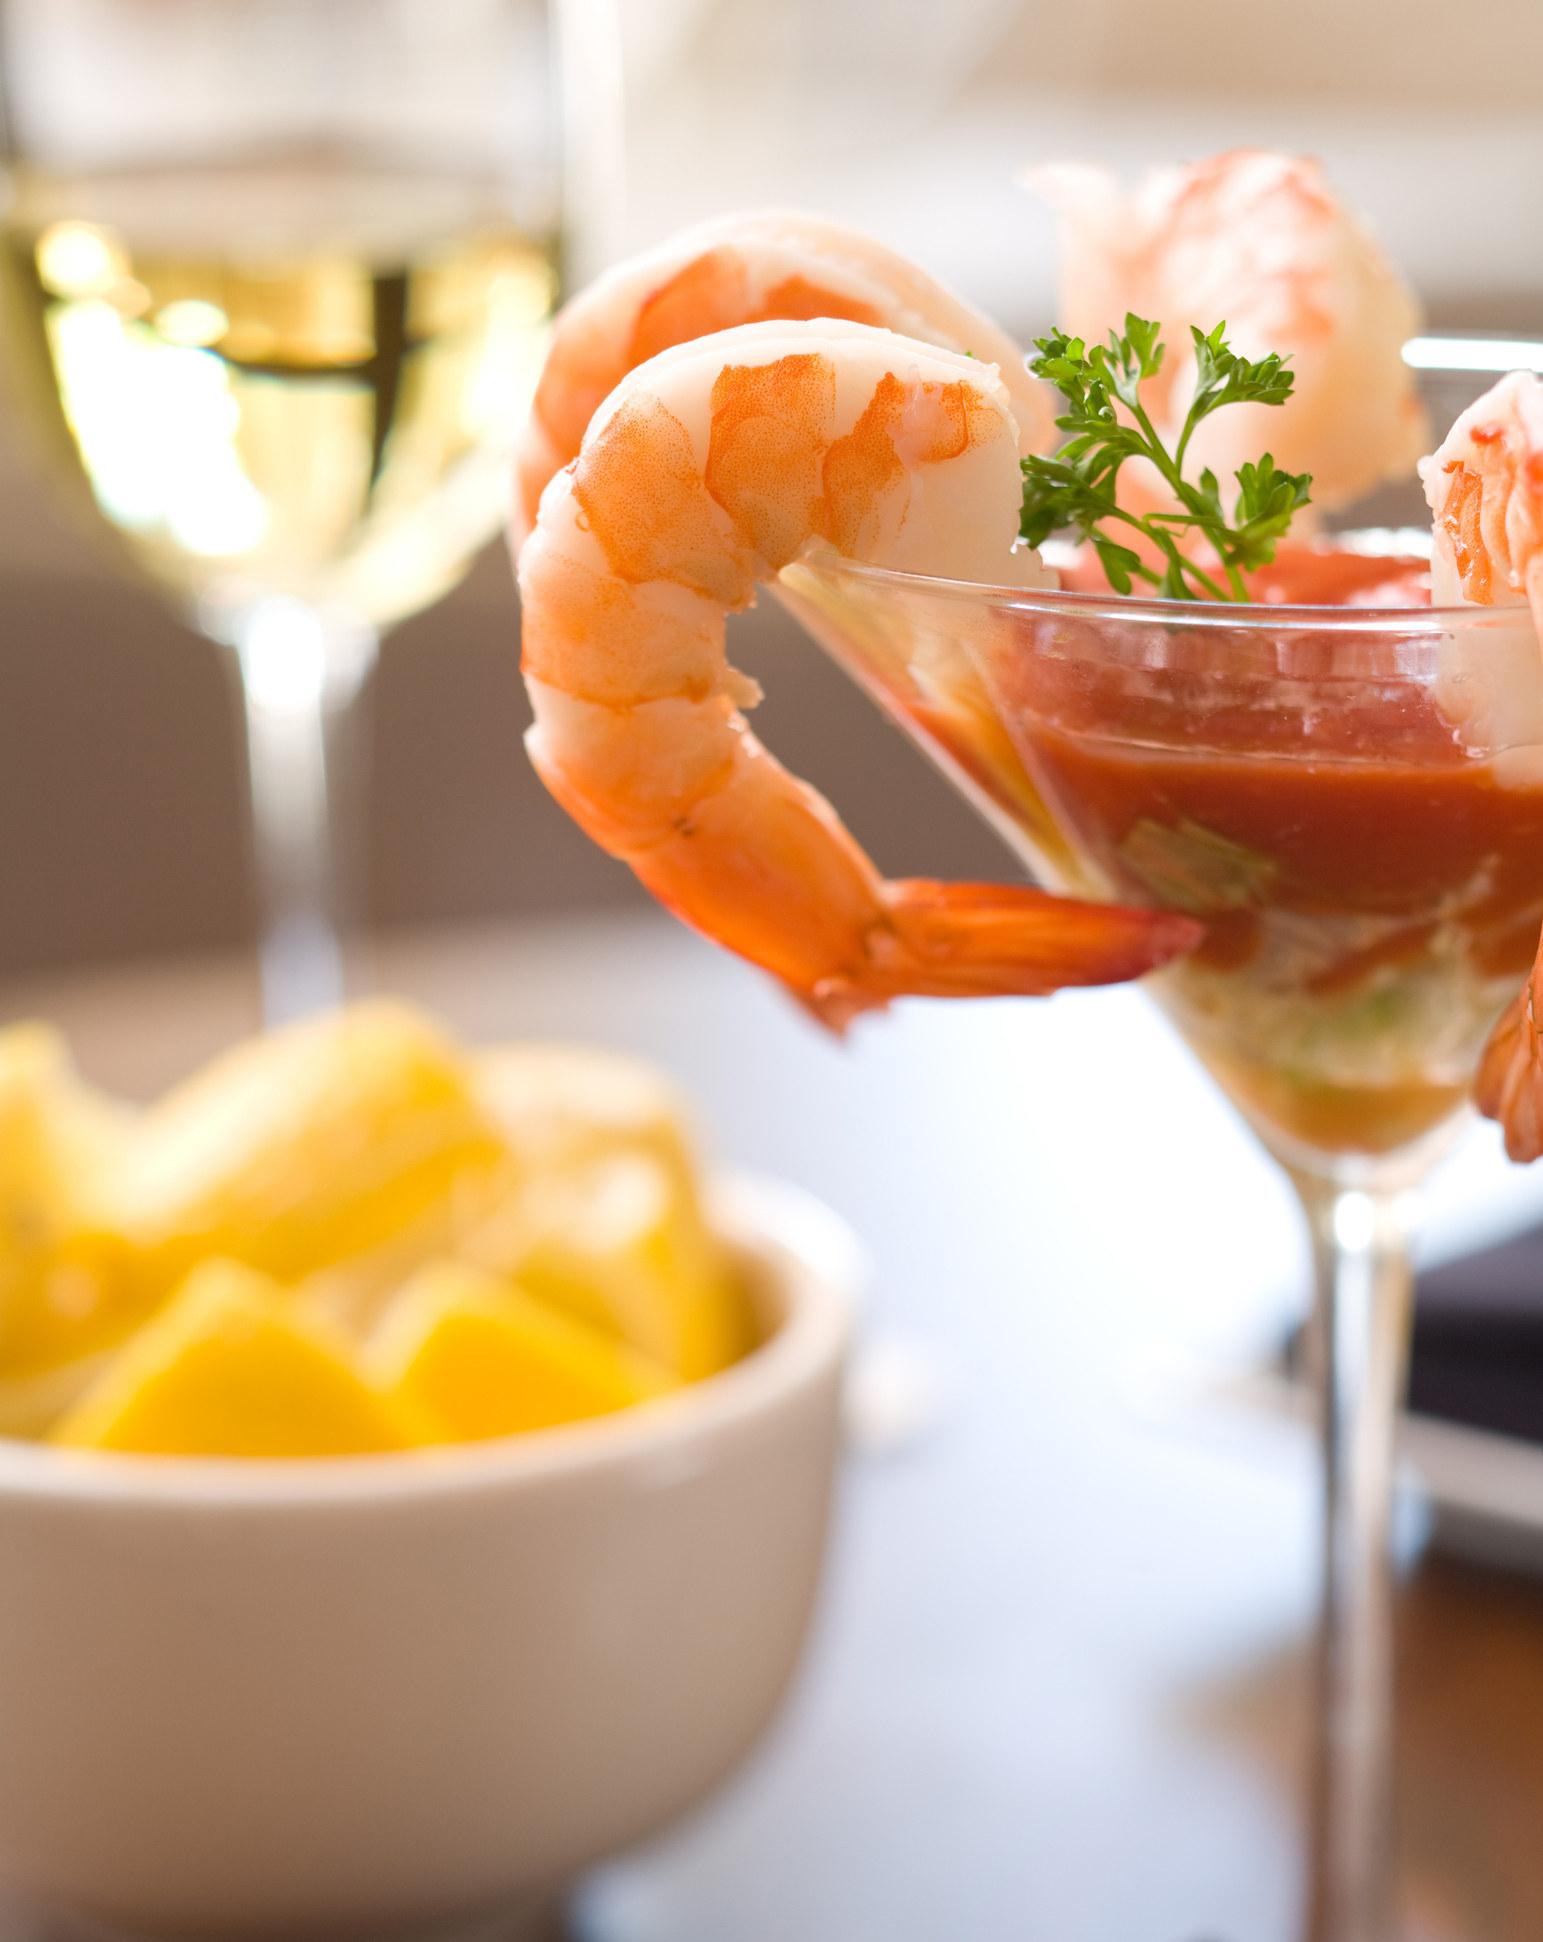 A shrimp cocktail